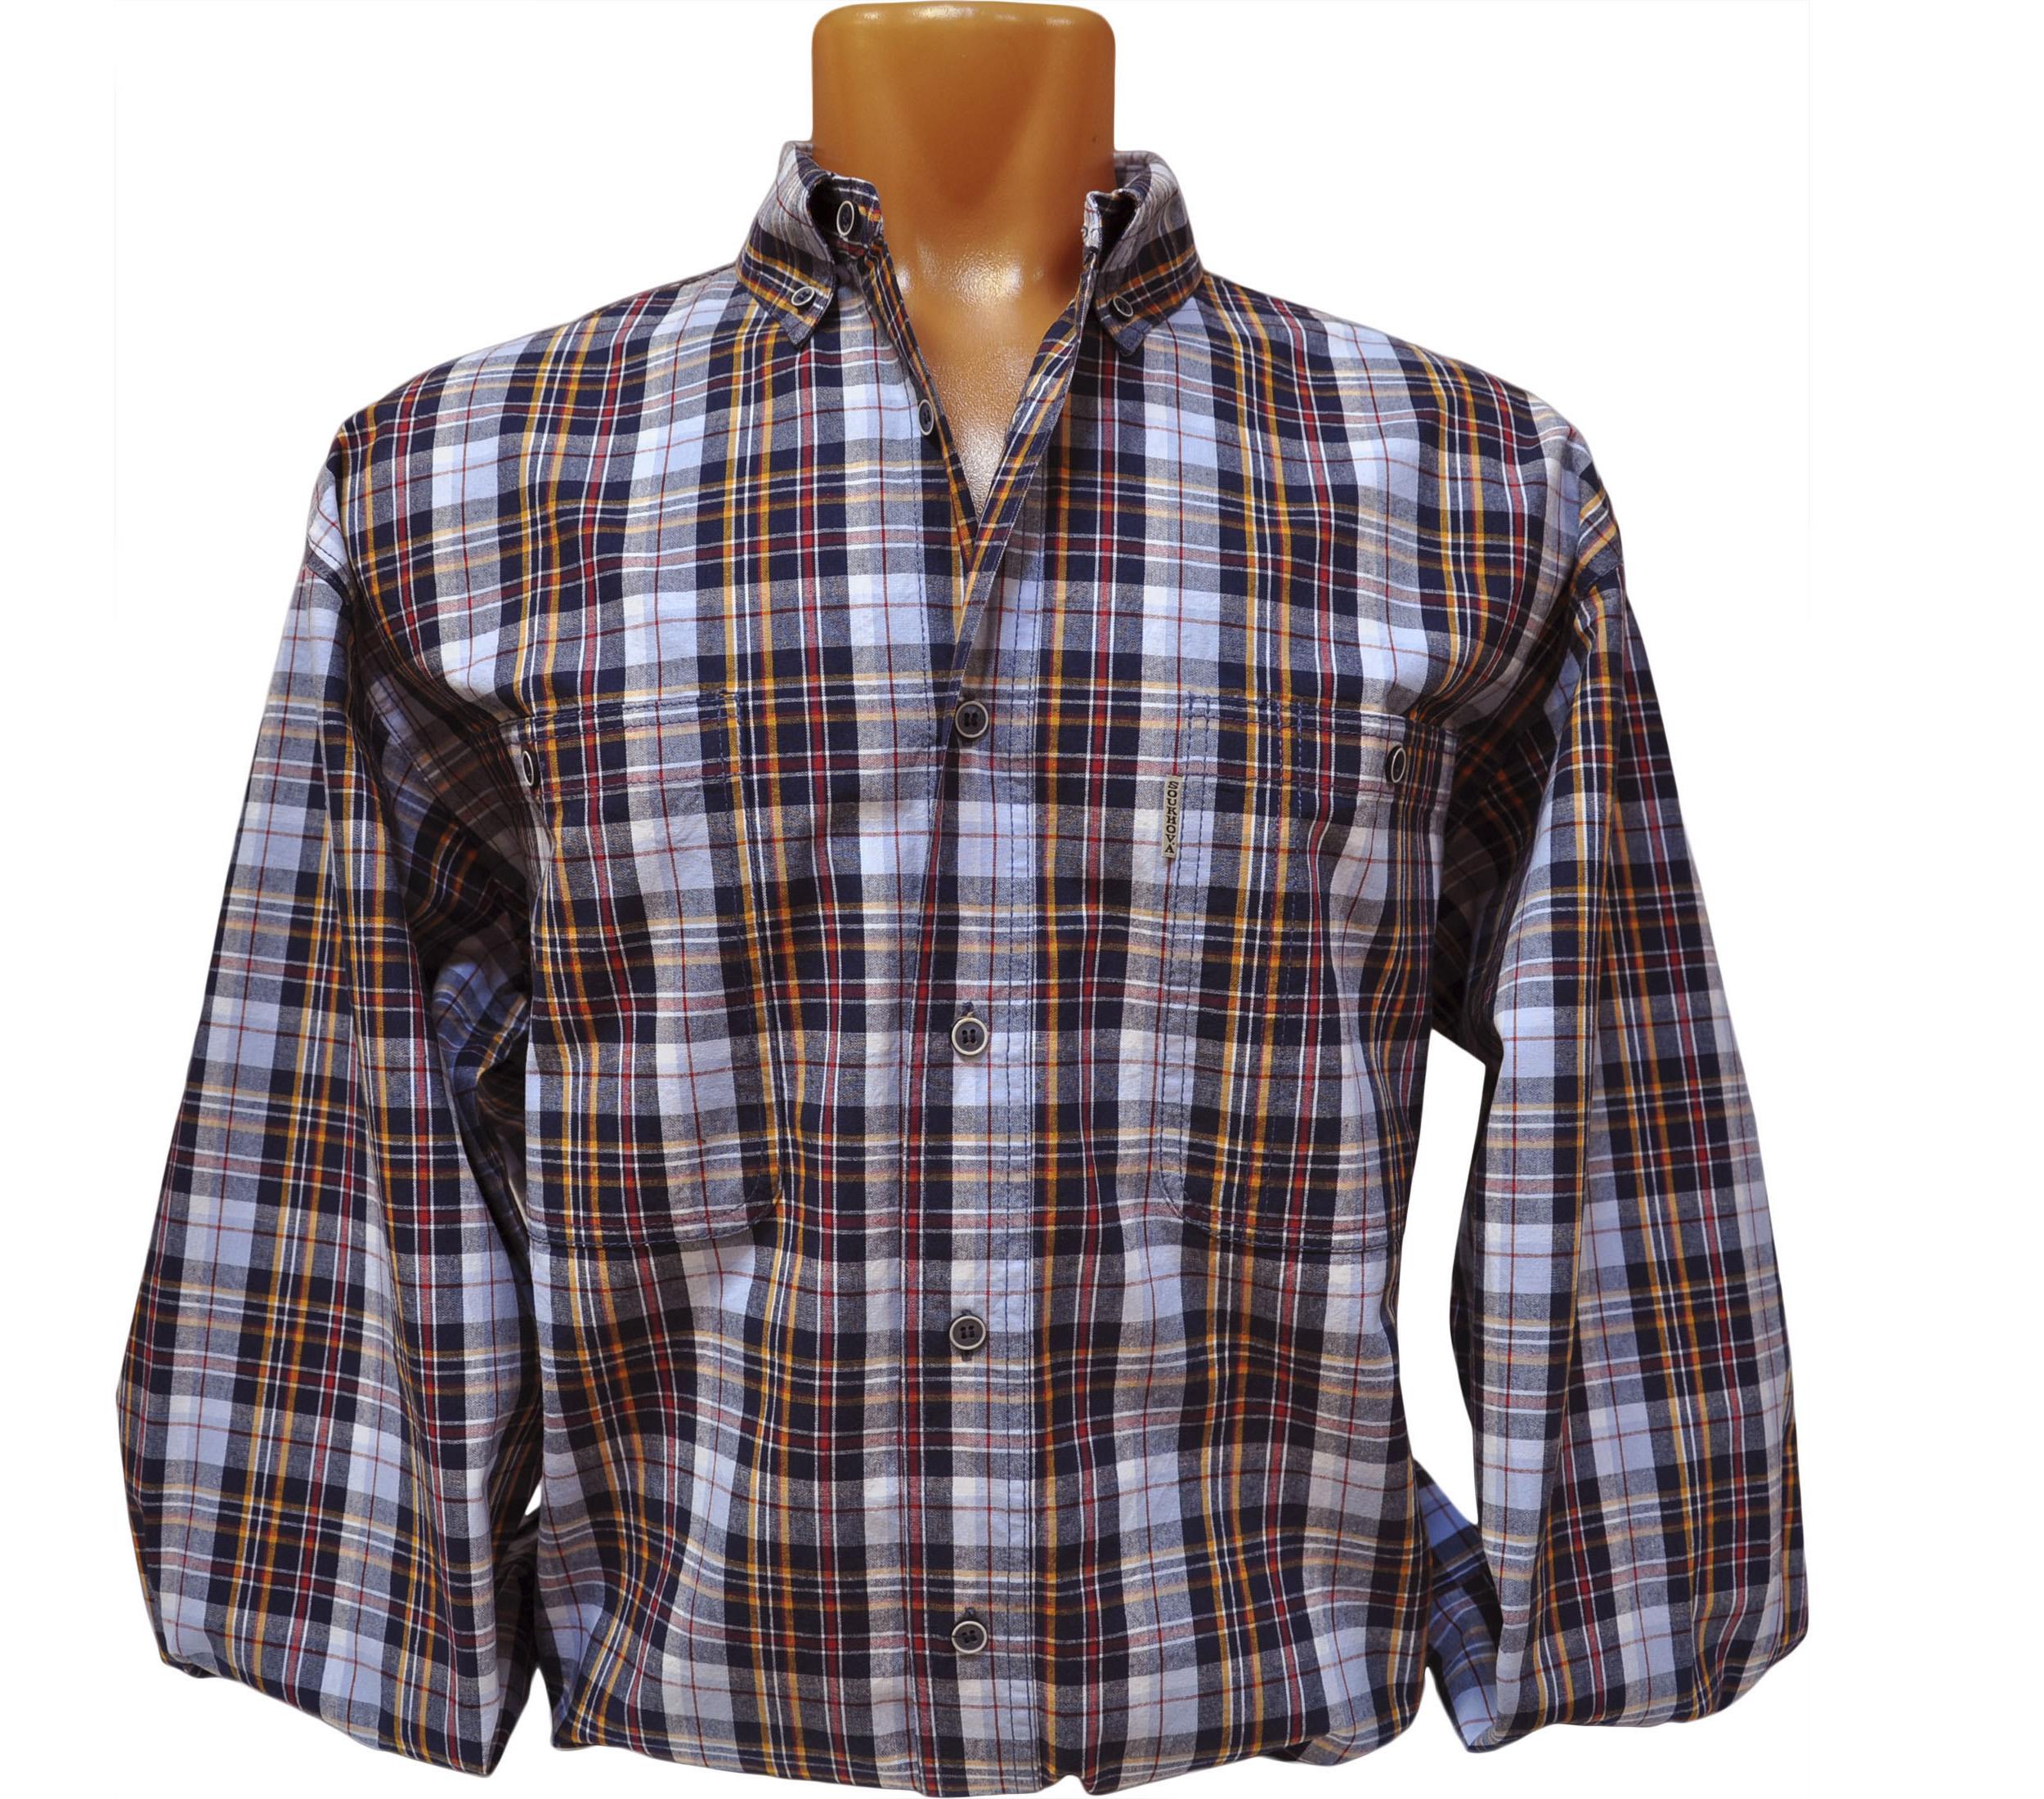 Мужская рубашка супер большого размера в голубую с оранжевым